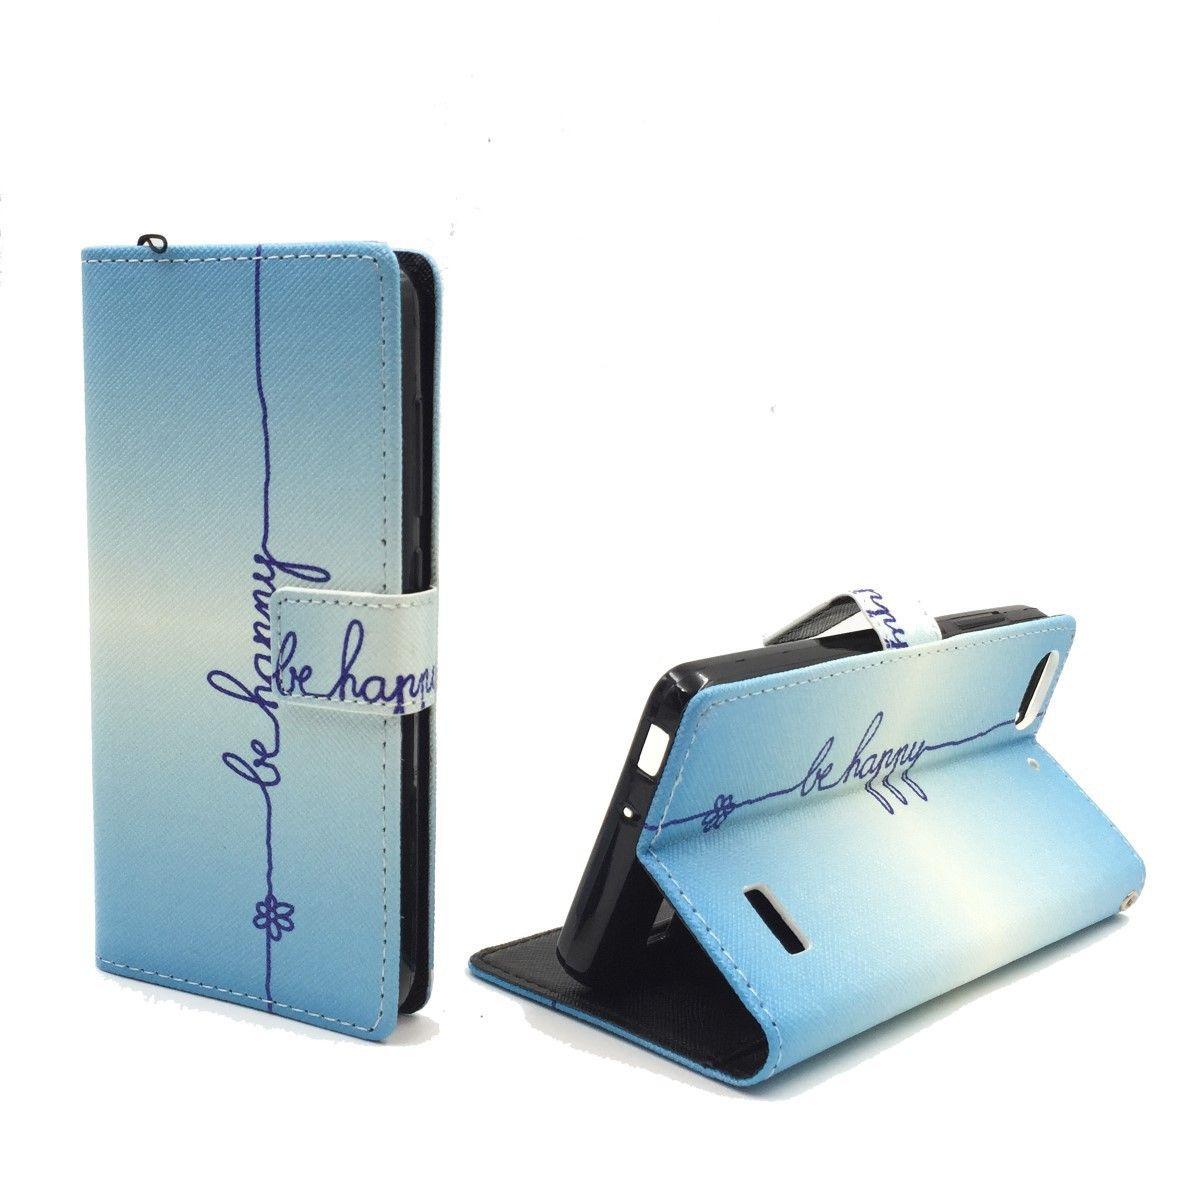 Handyhülle Tasche für Handy Huawei G Play Mini Schriftzug Be Happy Blau